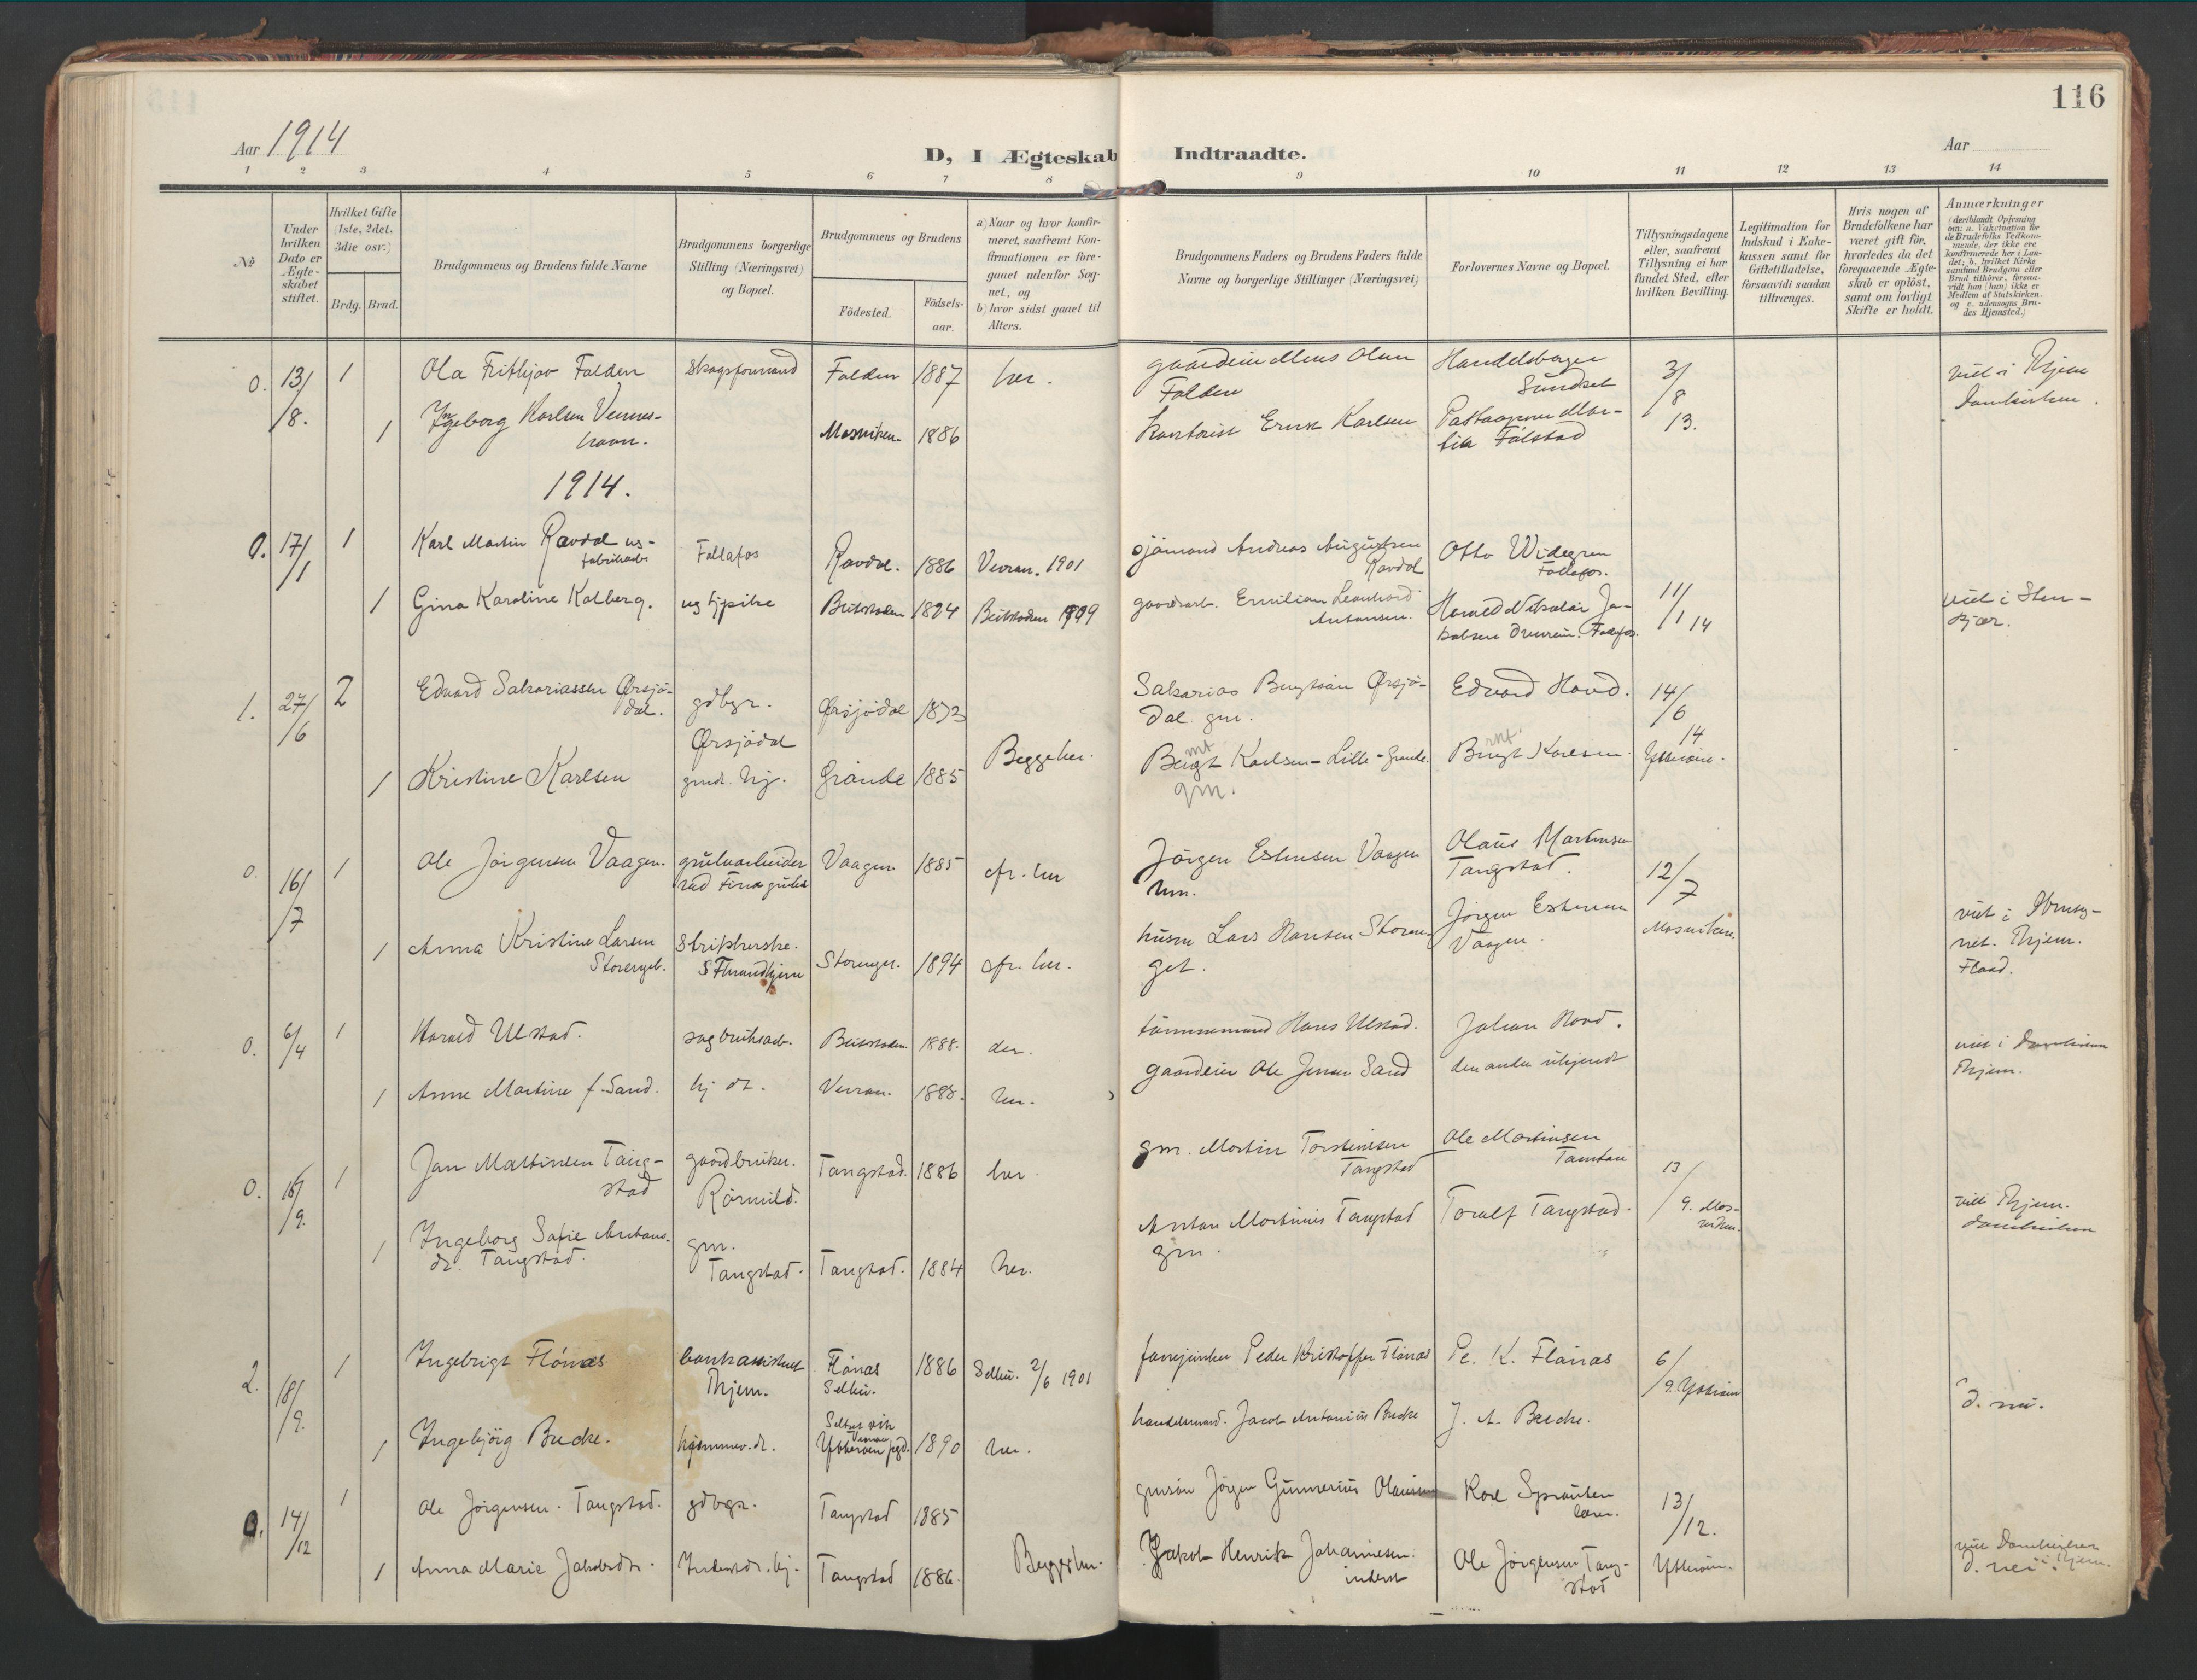 SAT, Ministerialprotokoller, klokkerbøker og fødselsregistre - Nord-Trøndelag, 744/L0421: Ministerialbok nr. 744A05, 1905-1930, s. 116